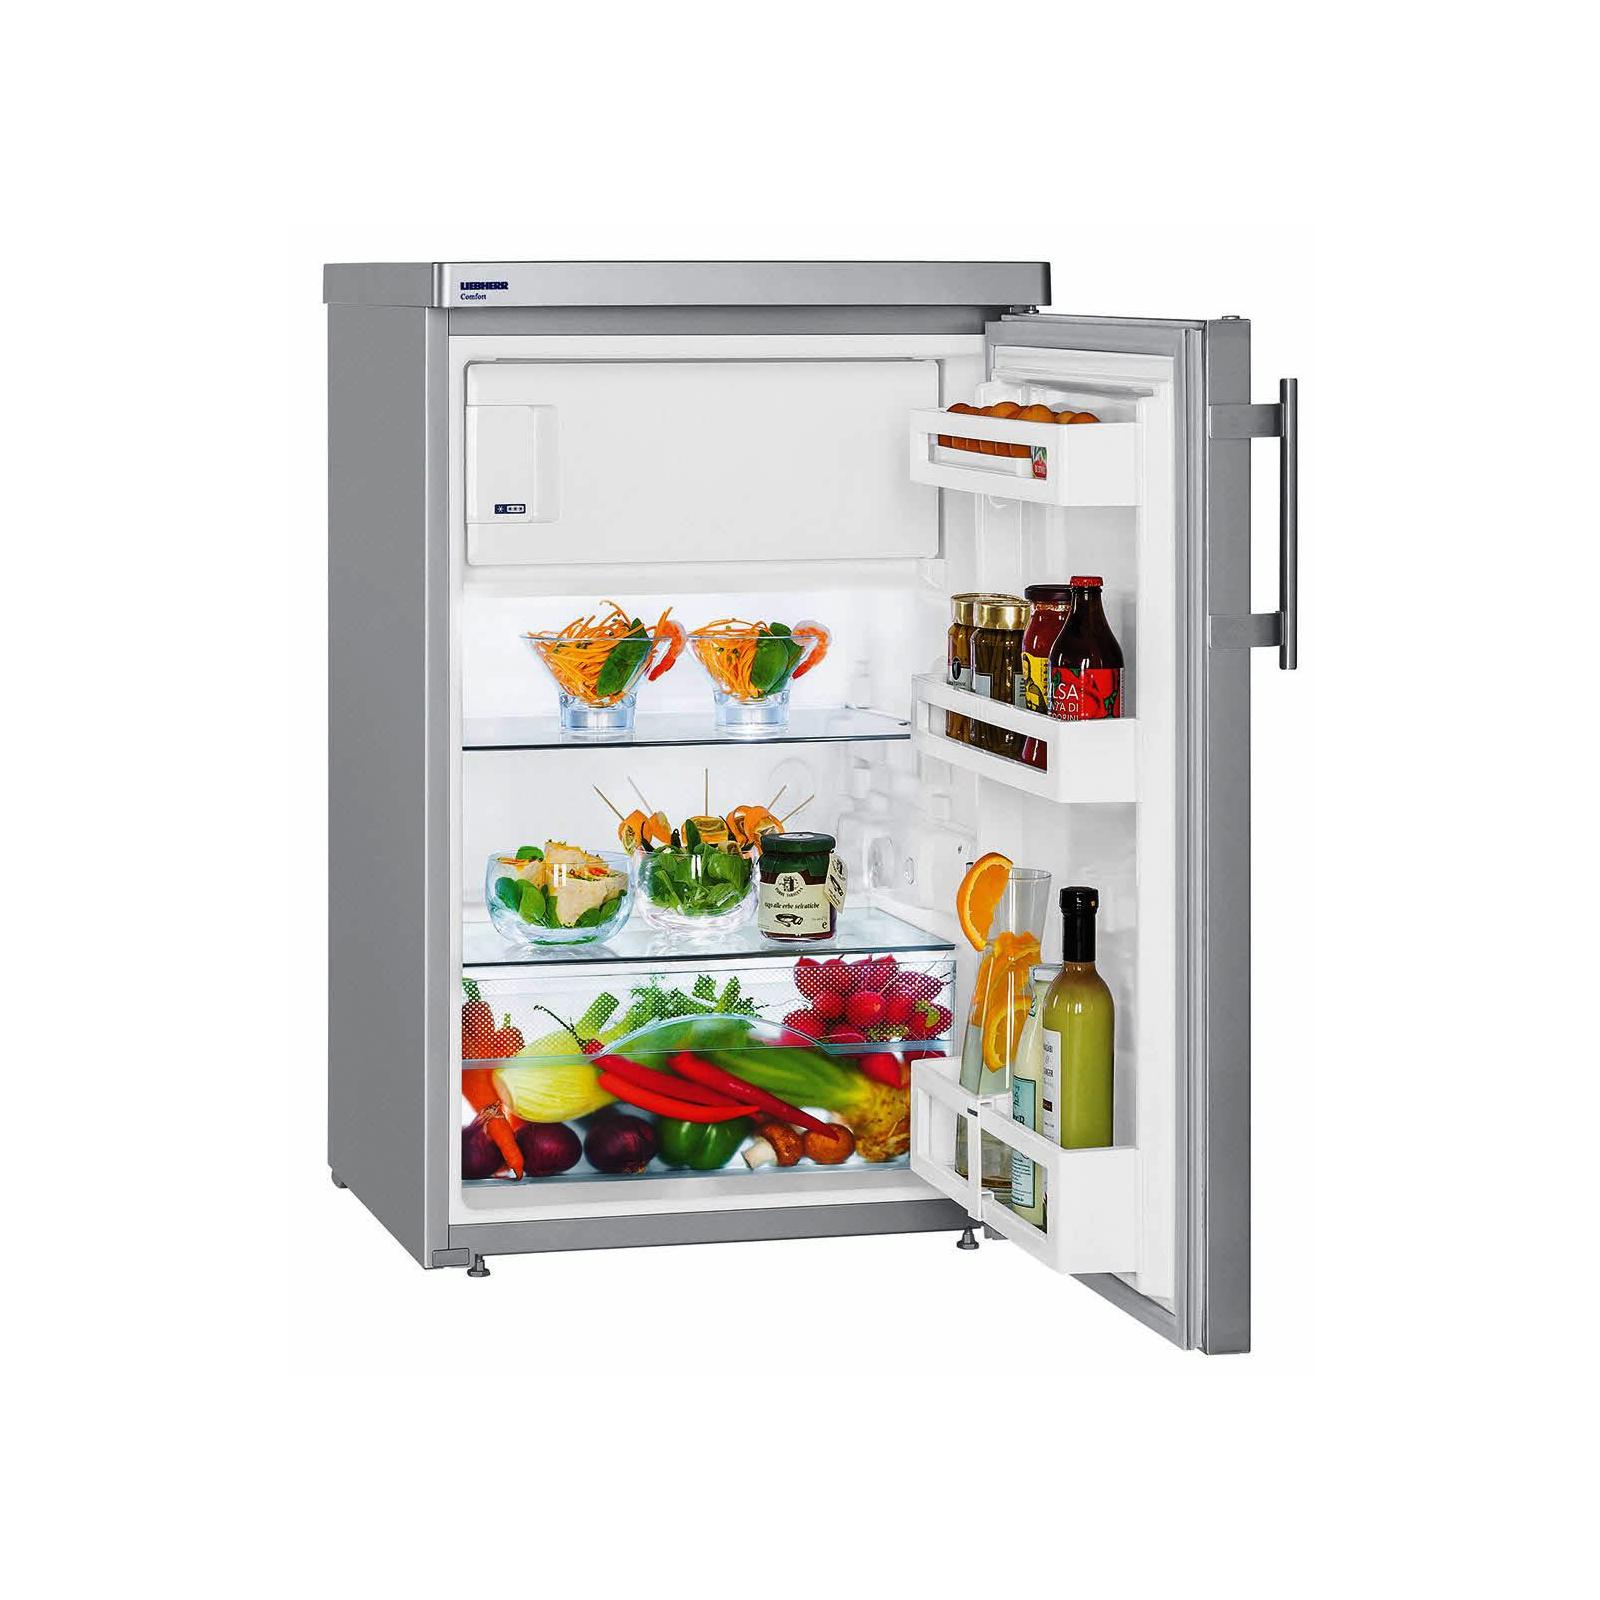 Холодильник Liebherr Tsl 1414 изображение 4